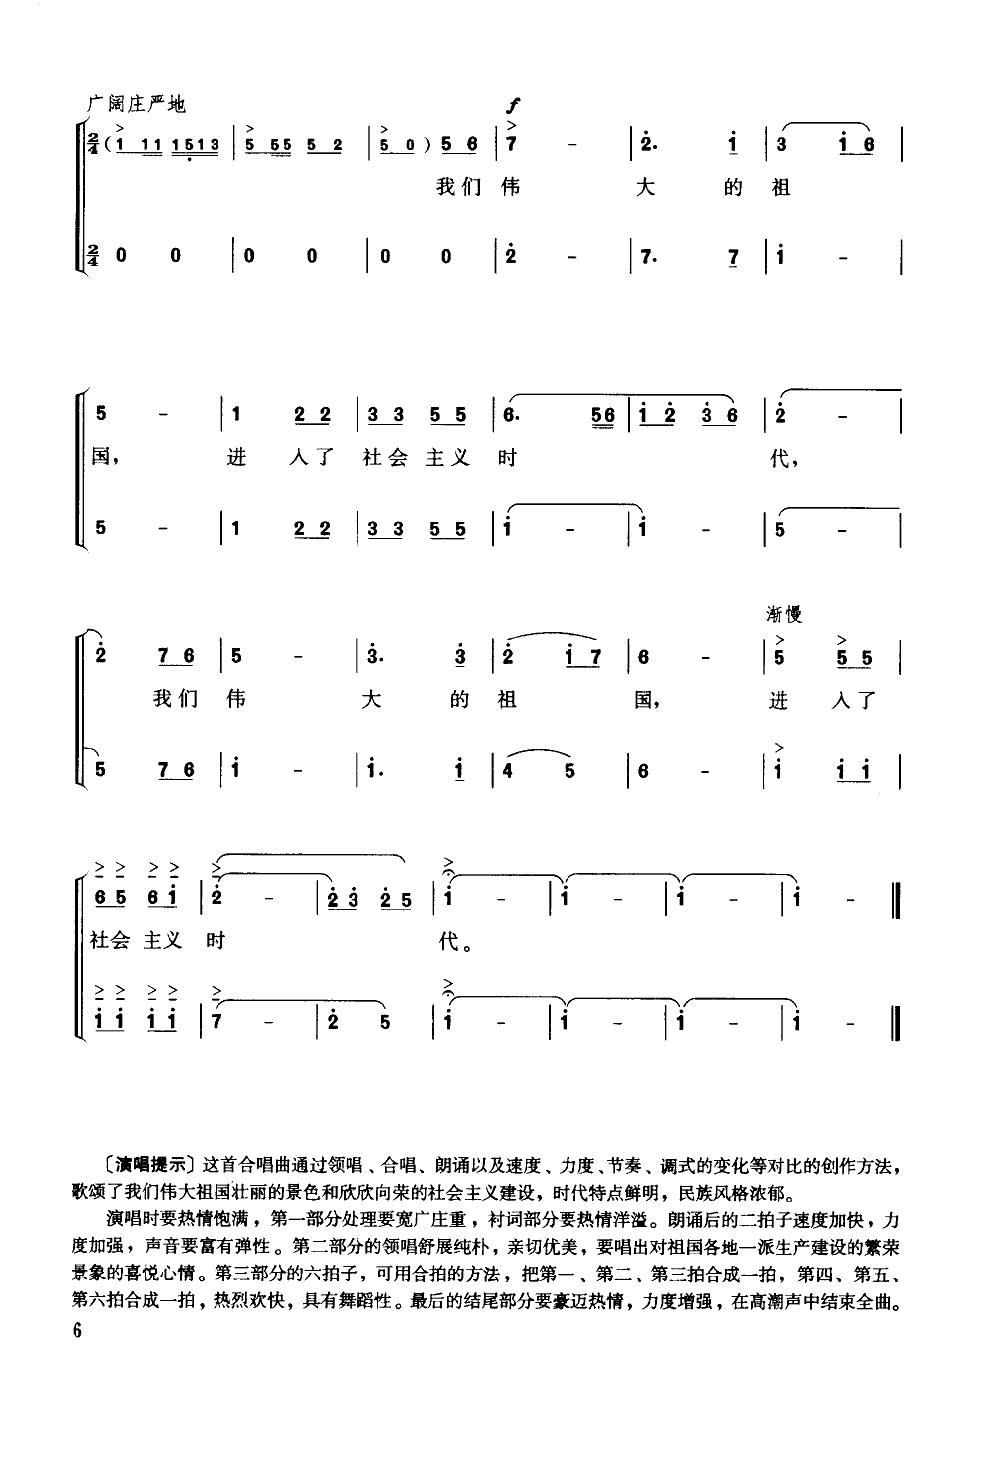 祖国颂(简化合唱二声部)(简谱)